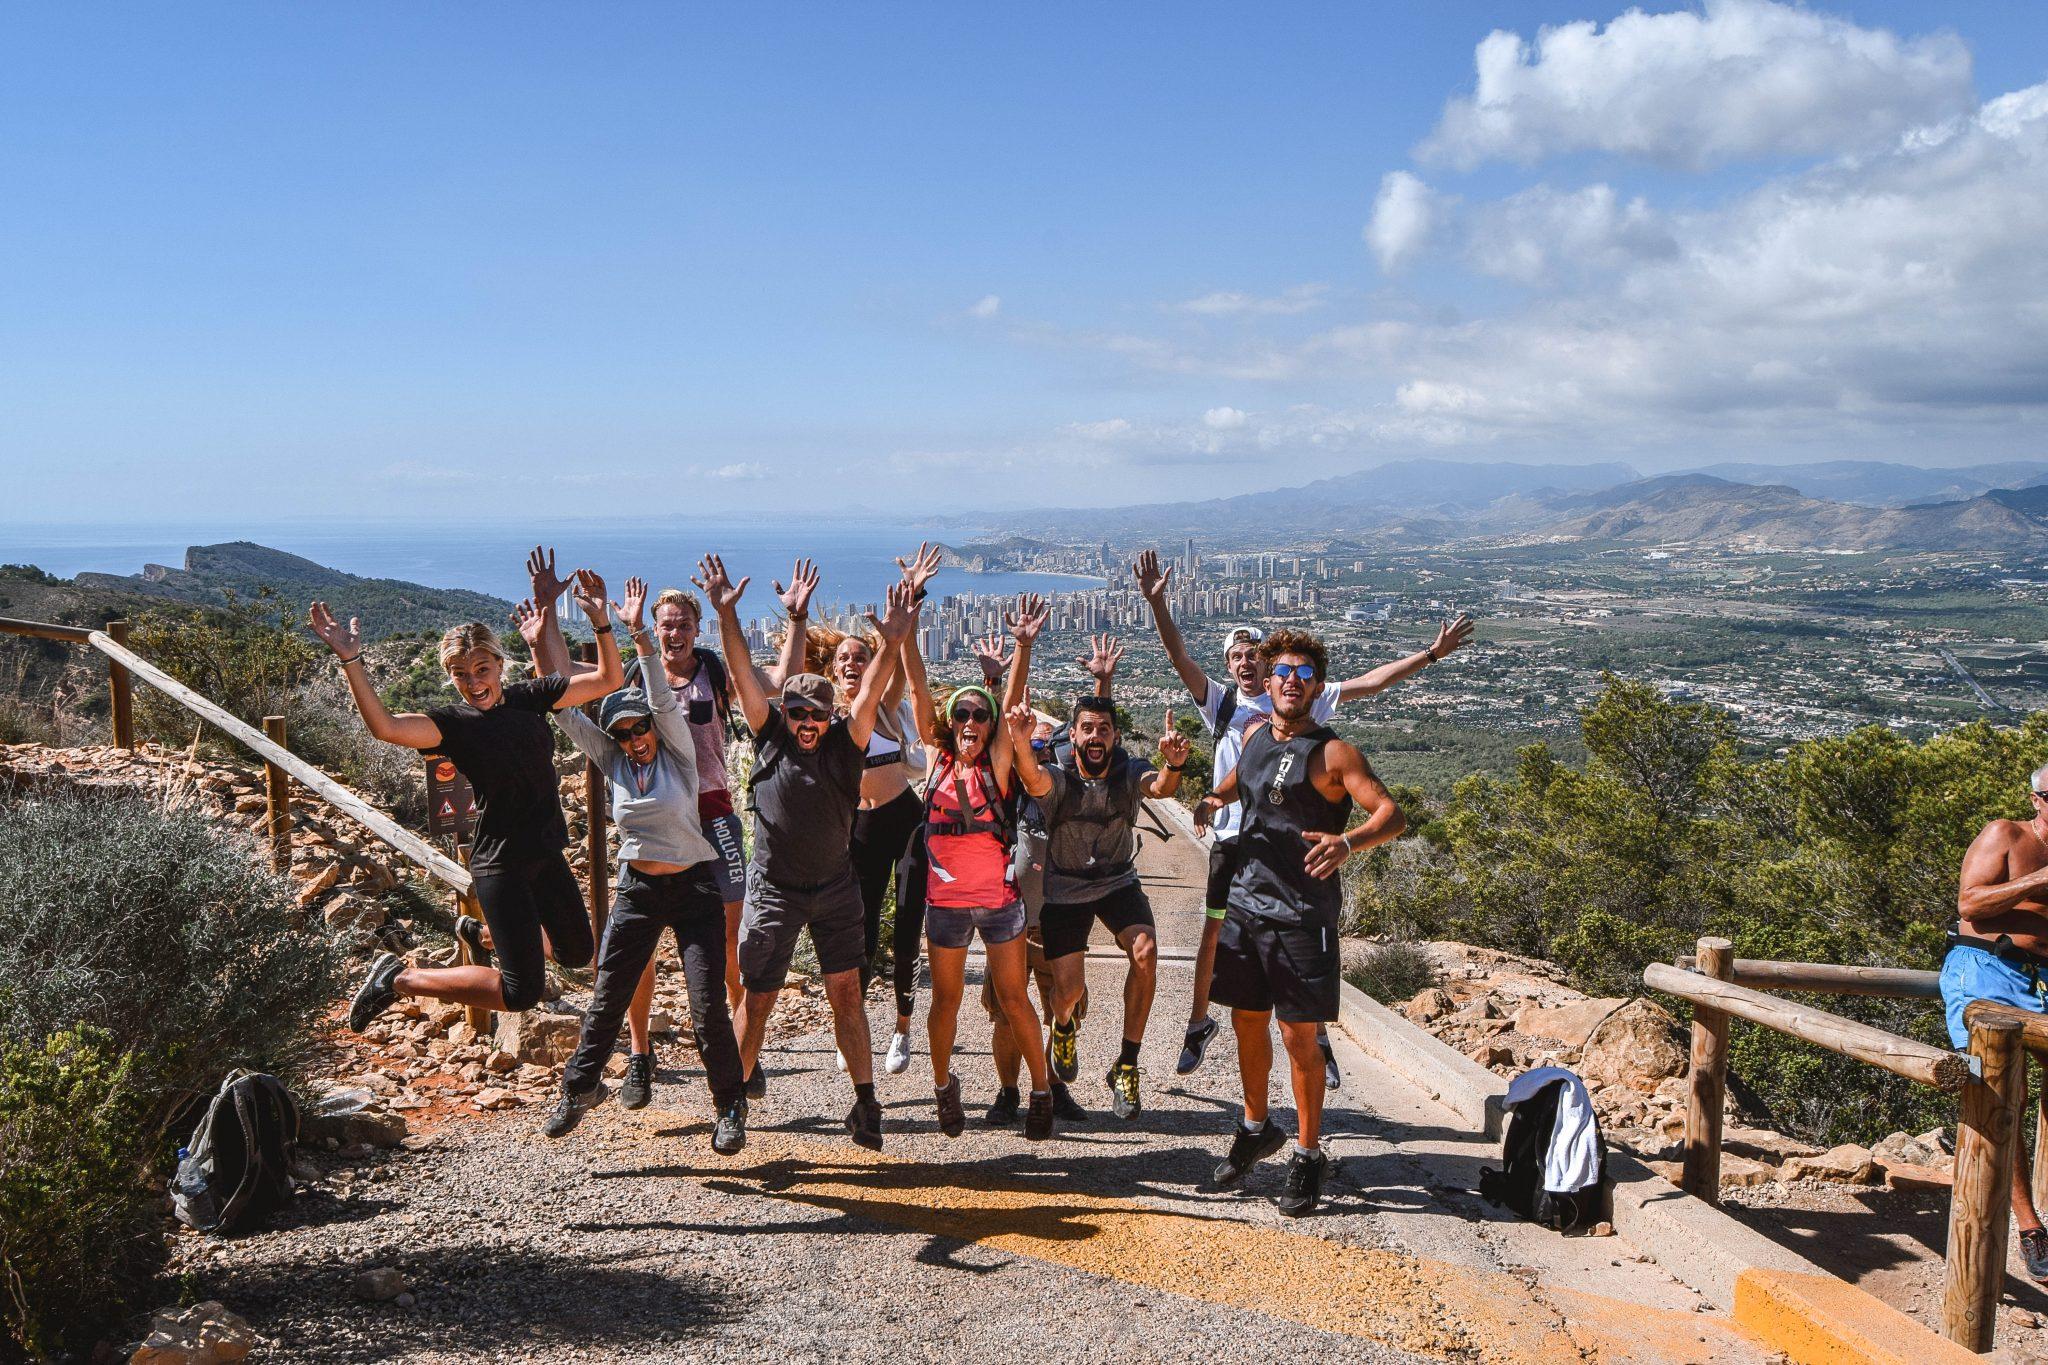 Wanderers & Warriors - Charlie & Lauren UK Travel Couple - Sierra Helada Natural ParkBenidorm to Albir